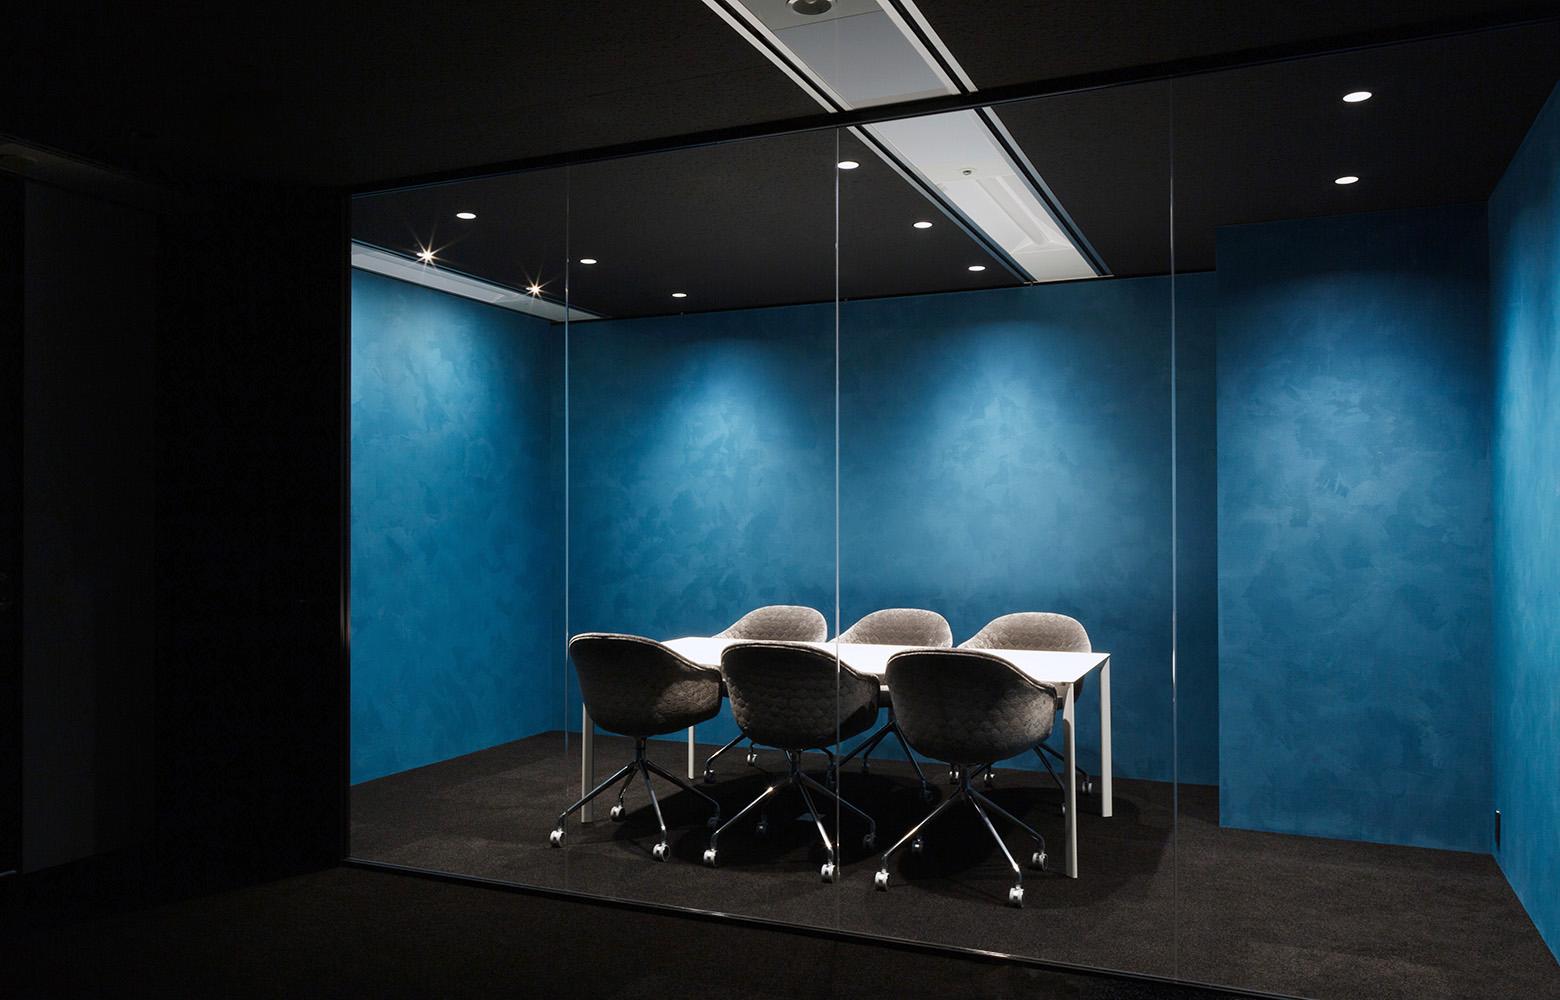 株式会社 AdLab Meeting Room デザイン・レイアウト事例